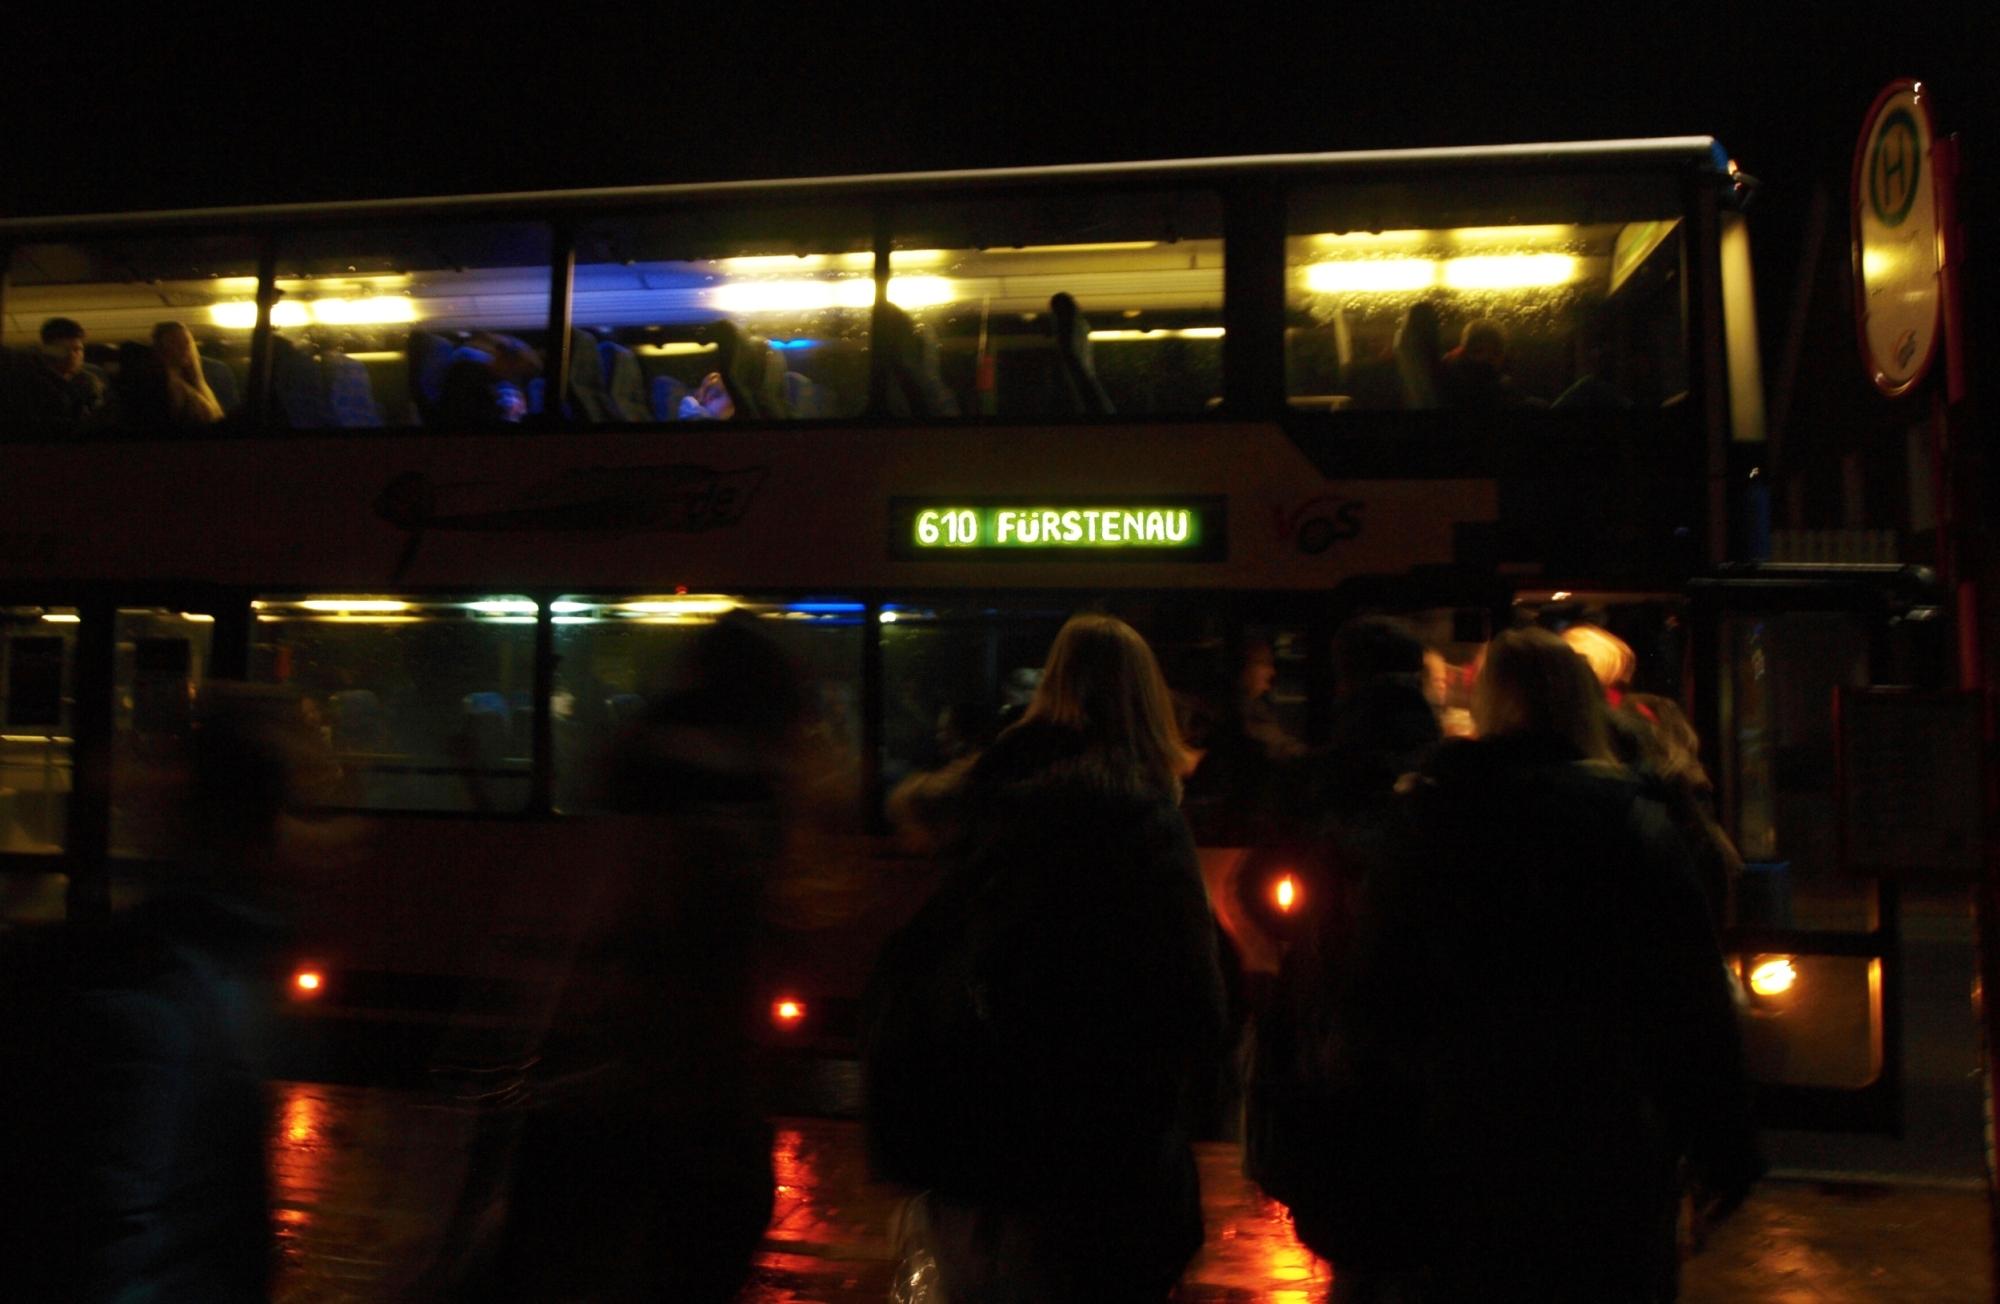 Frühmorgens um halb sieben holt die Linie 610 die Neuenkirchener Schüler ab, die die IGS in Fürstenau besuchen. Während auf der Hinfahrt ausreichend Plätze im Bus vorhanden sind, wird es später bei der Rückfahrt schon mal eng.